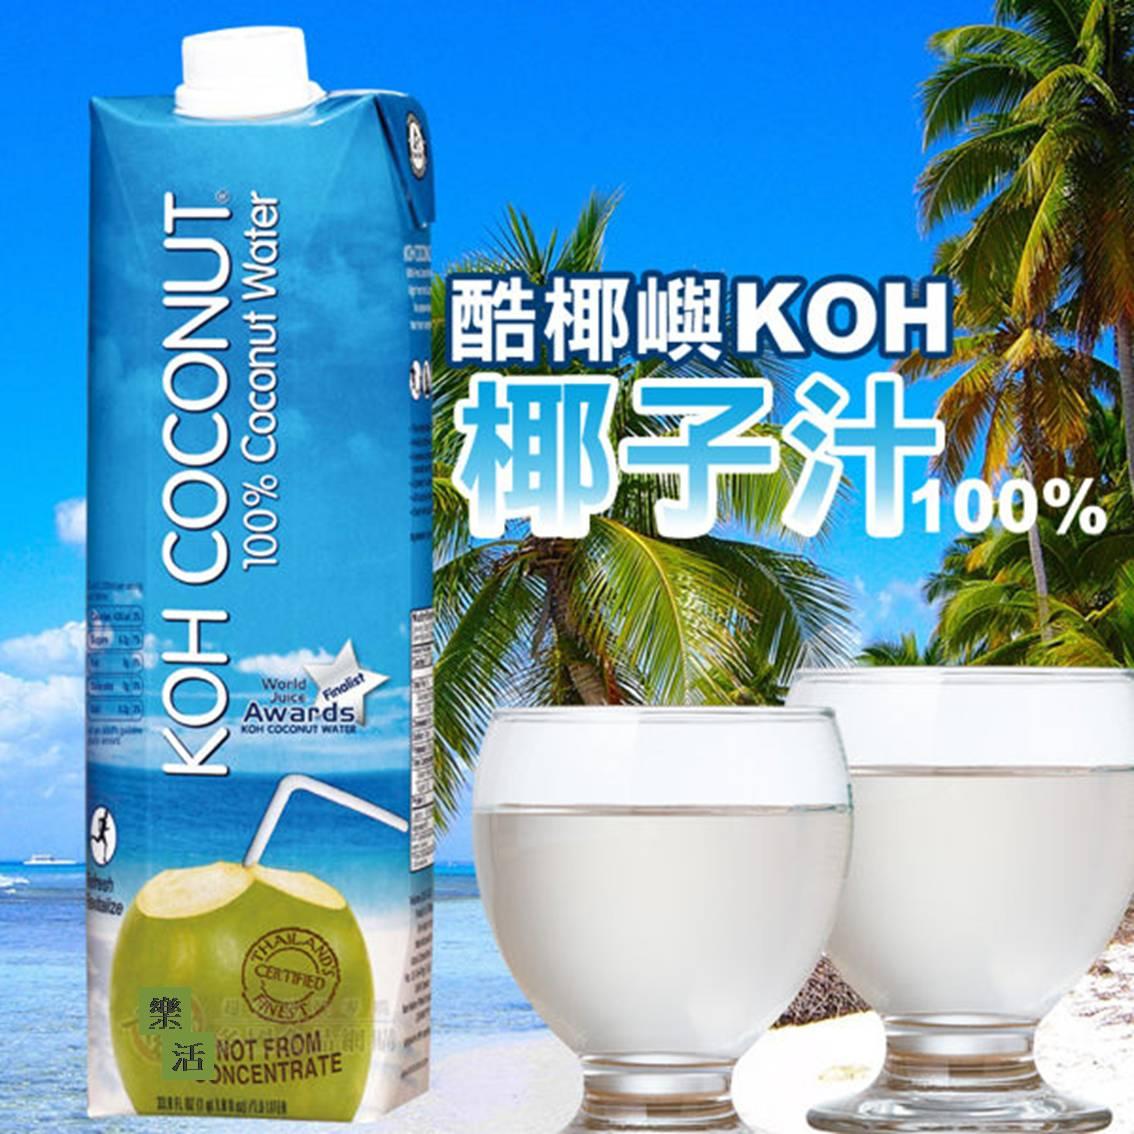 泰國酷椰嶼KOH 100%純椰子汁 【樂活生活館】